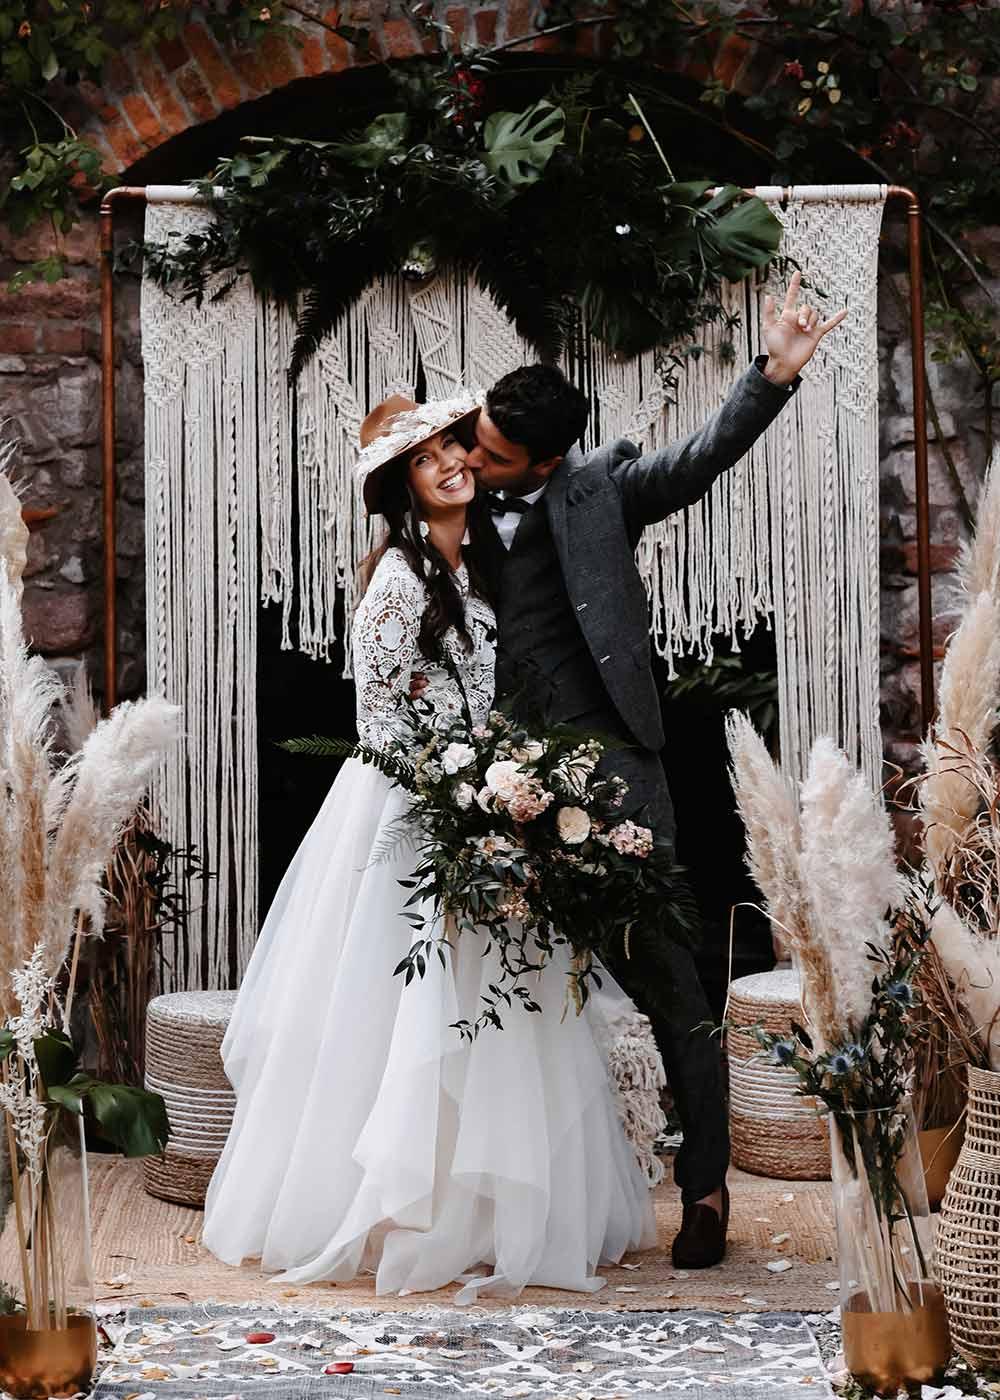 Das Brautpaar ist nach der Trauung glücklich und posiert vor dem aufwendig geschmückten Hintergrund der Traulocation.